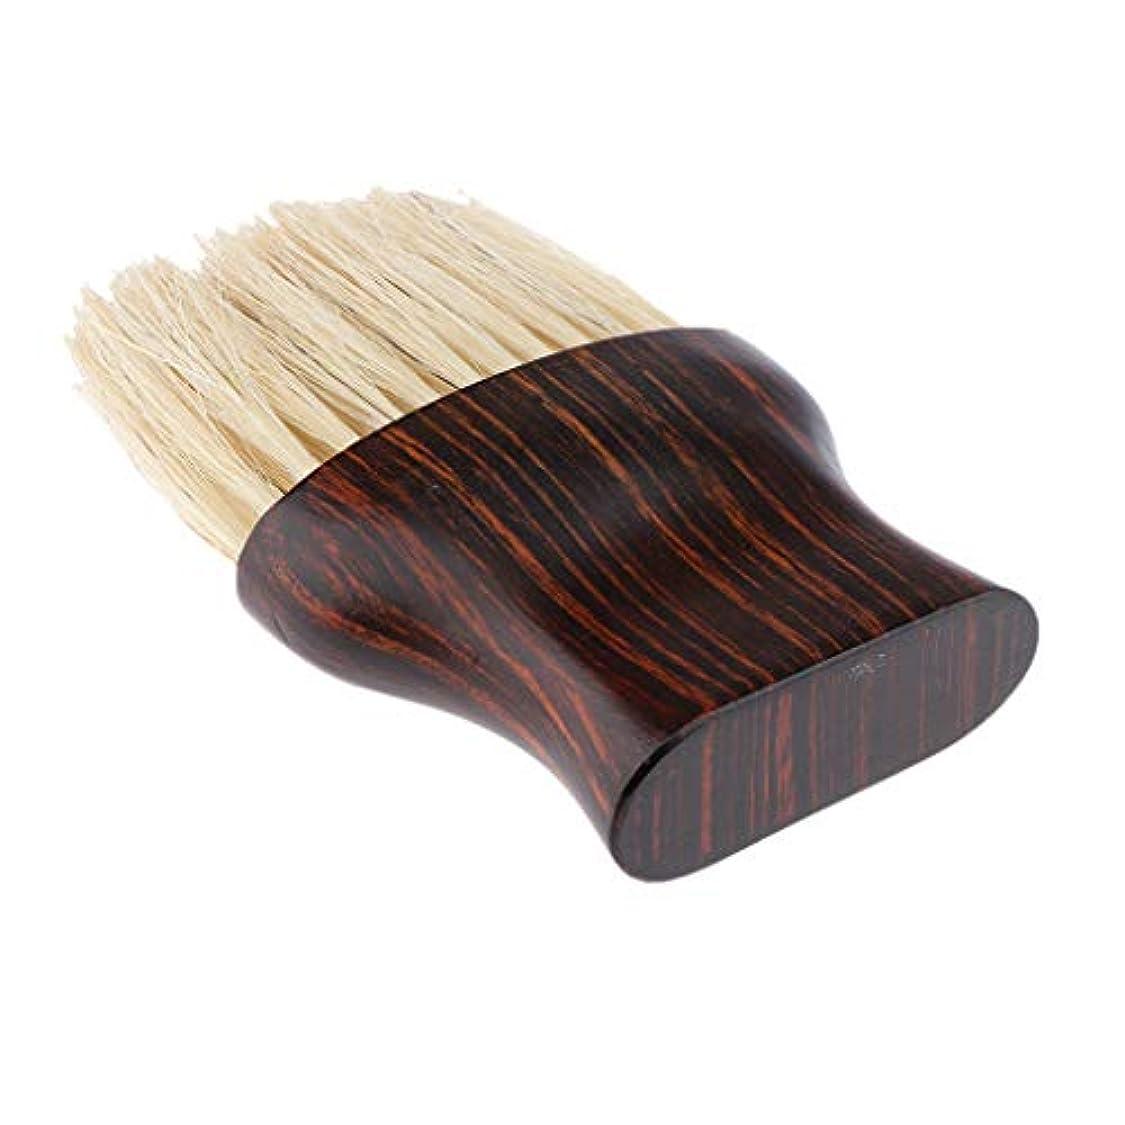 コントローラワンダーびっくり毛払いブラシ ヘアブラシ 繊維毛 散髪 髪切り 散髪用ツール 床屋 理髪店 美容院 ソフトブラシ